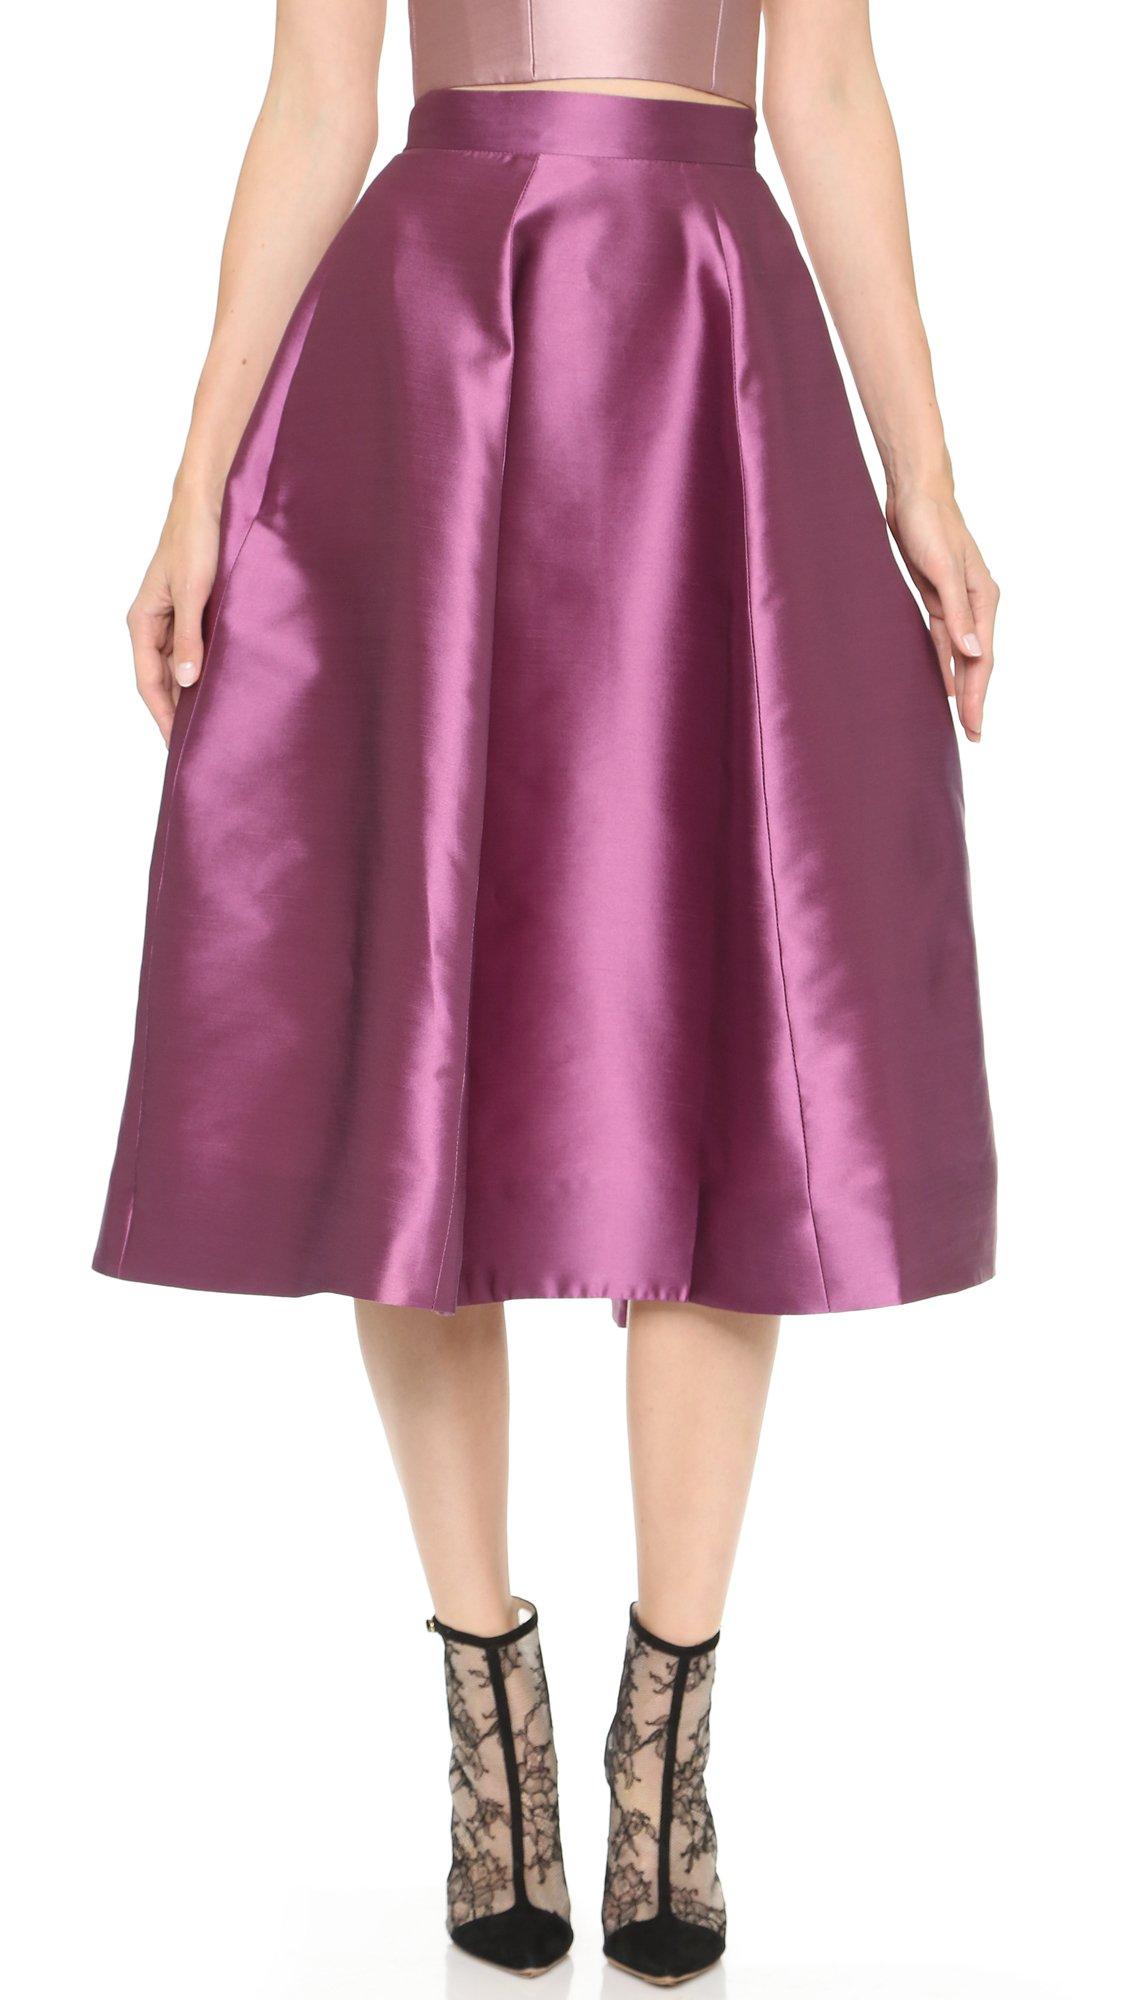 Monique lhuillier Tea Length A-line Skirt - Mauve in Purple | Lyst